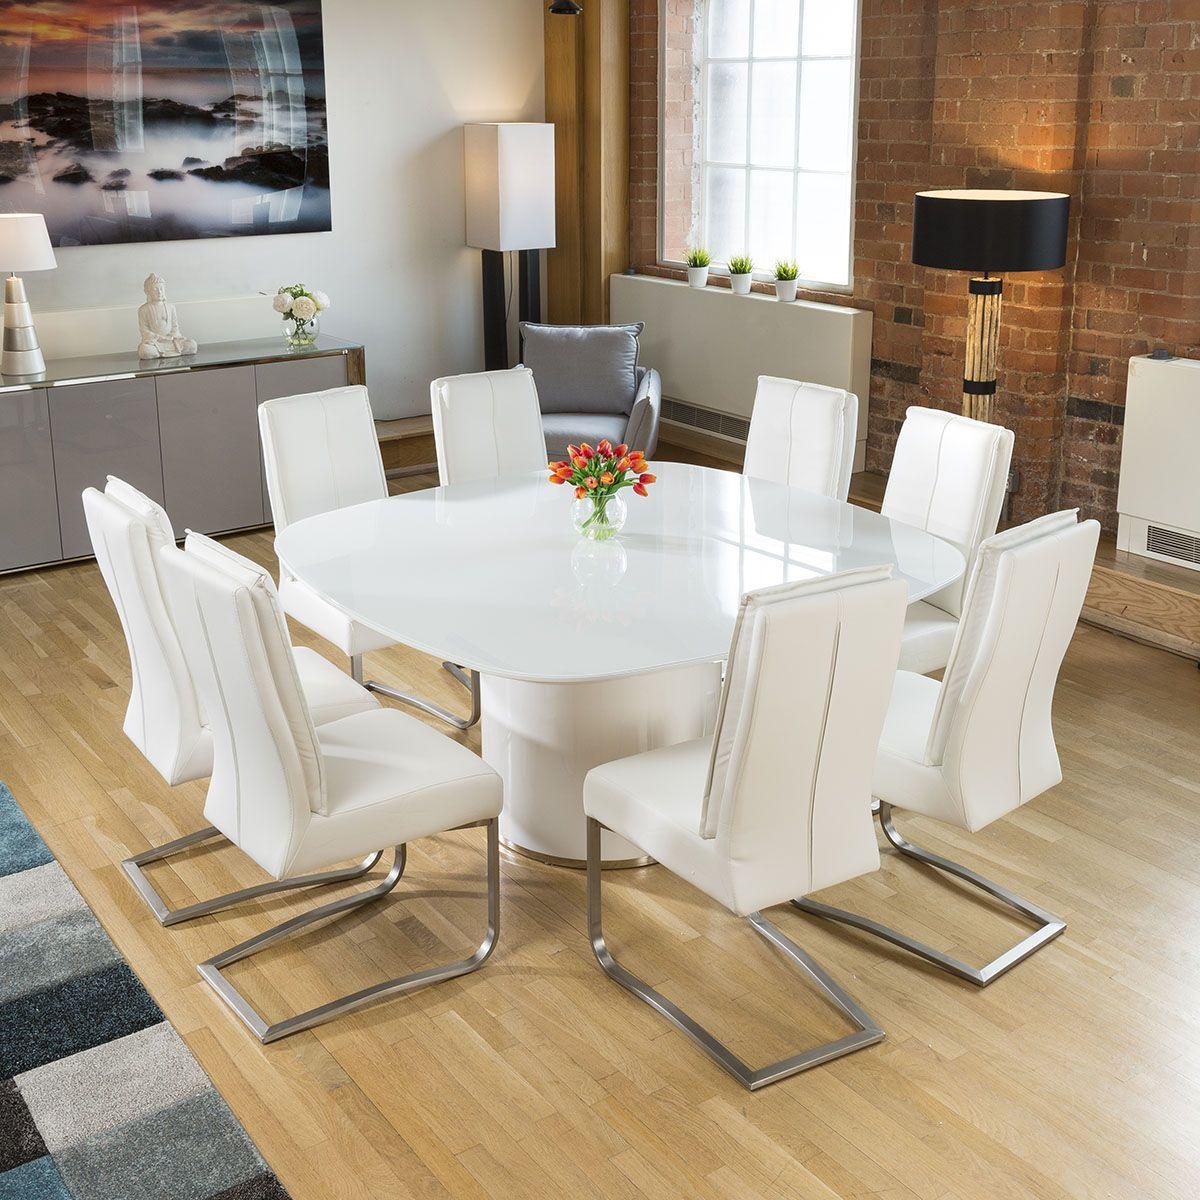 Quatropi Square White Glass Dining Table 8 Extra Padded White Chairs Square Glass Dining Table White Glass Dining Table Glass Dining Table